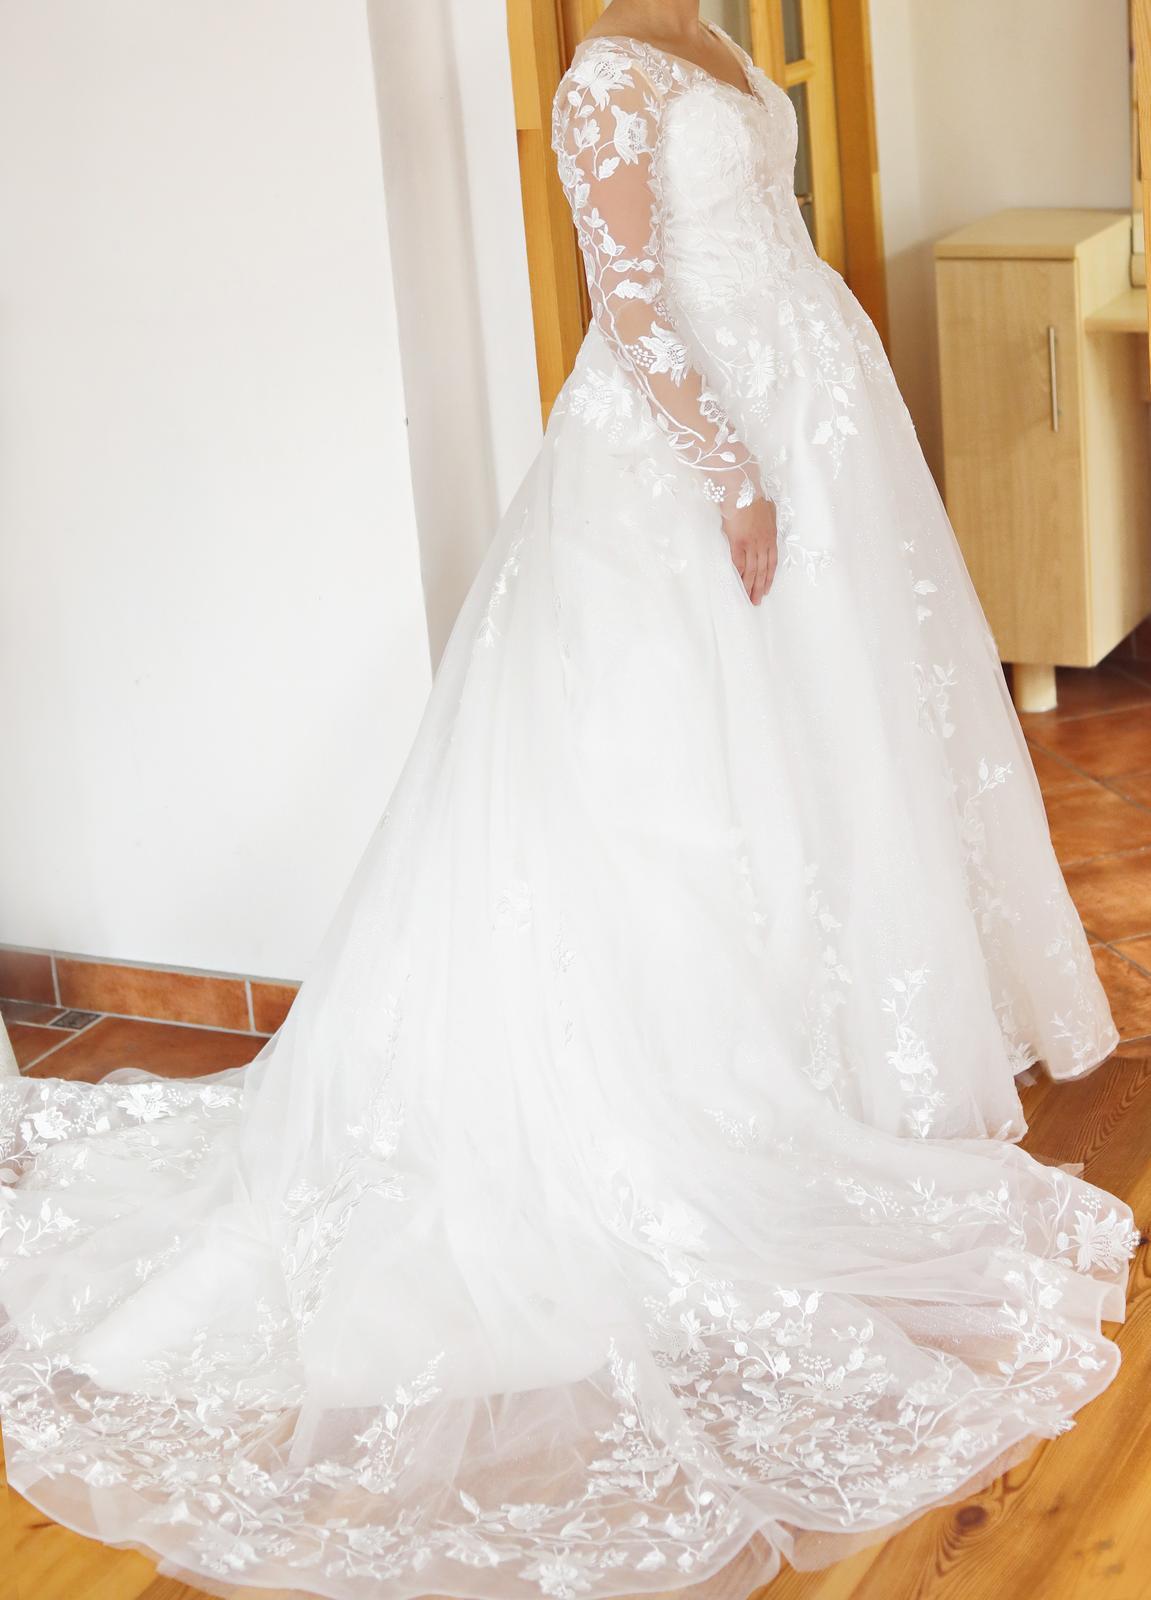 Svatební šaty vel. 38/40, vhodné také těhotné nevěsty - Obrázek č. 1